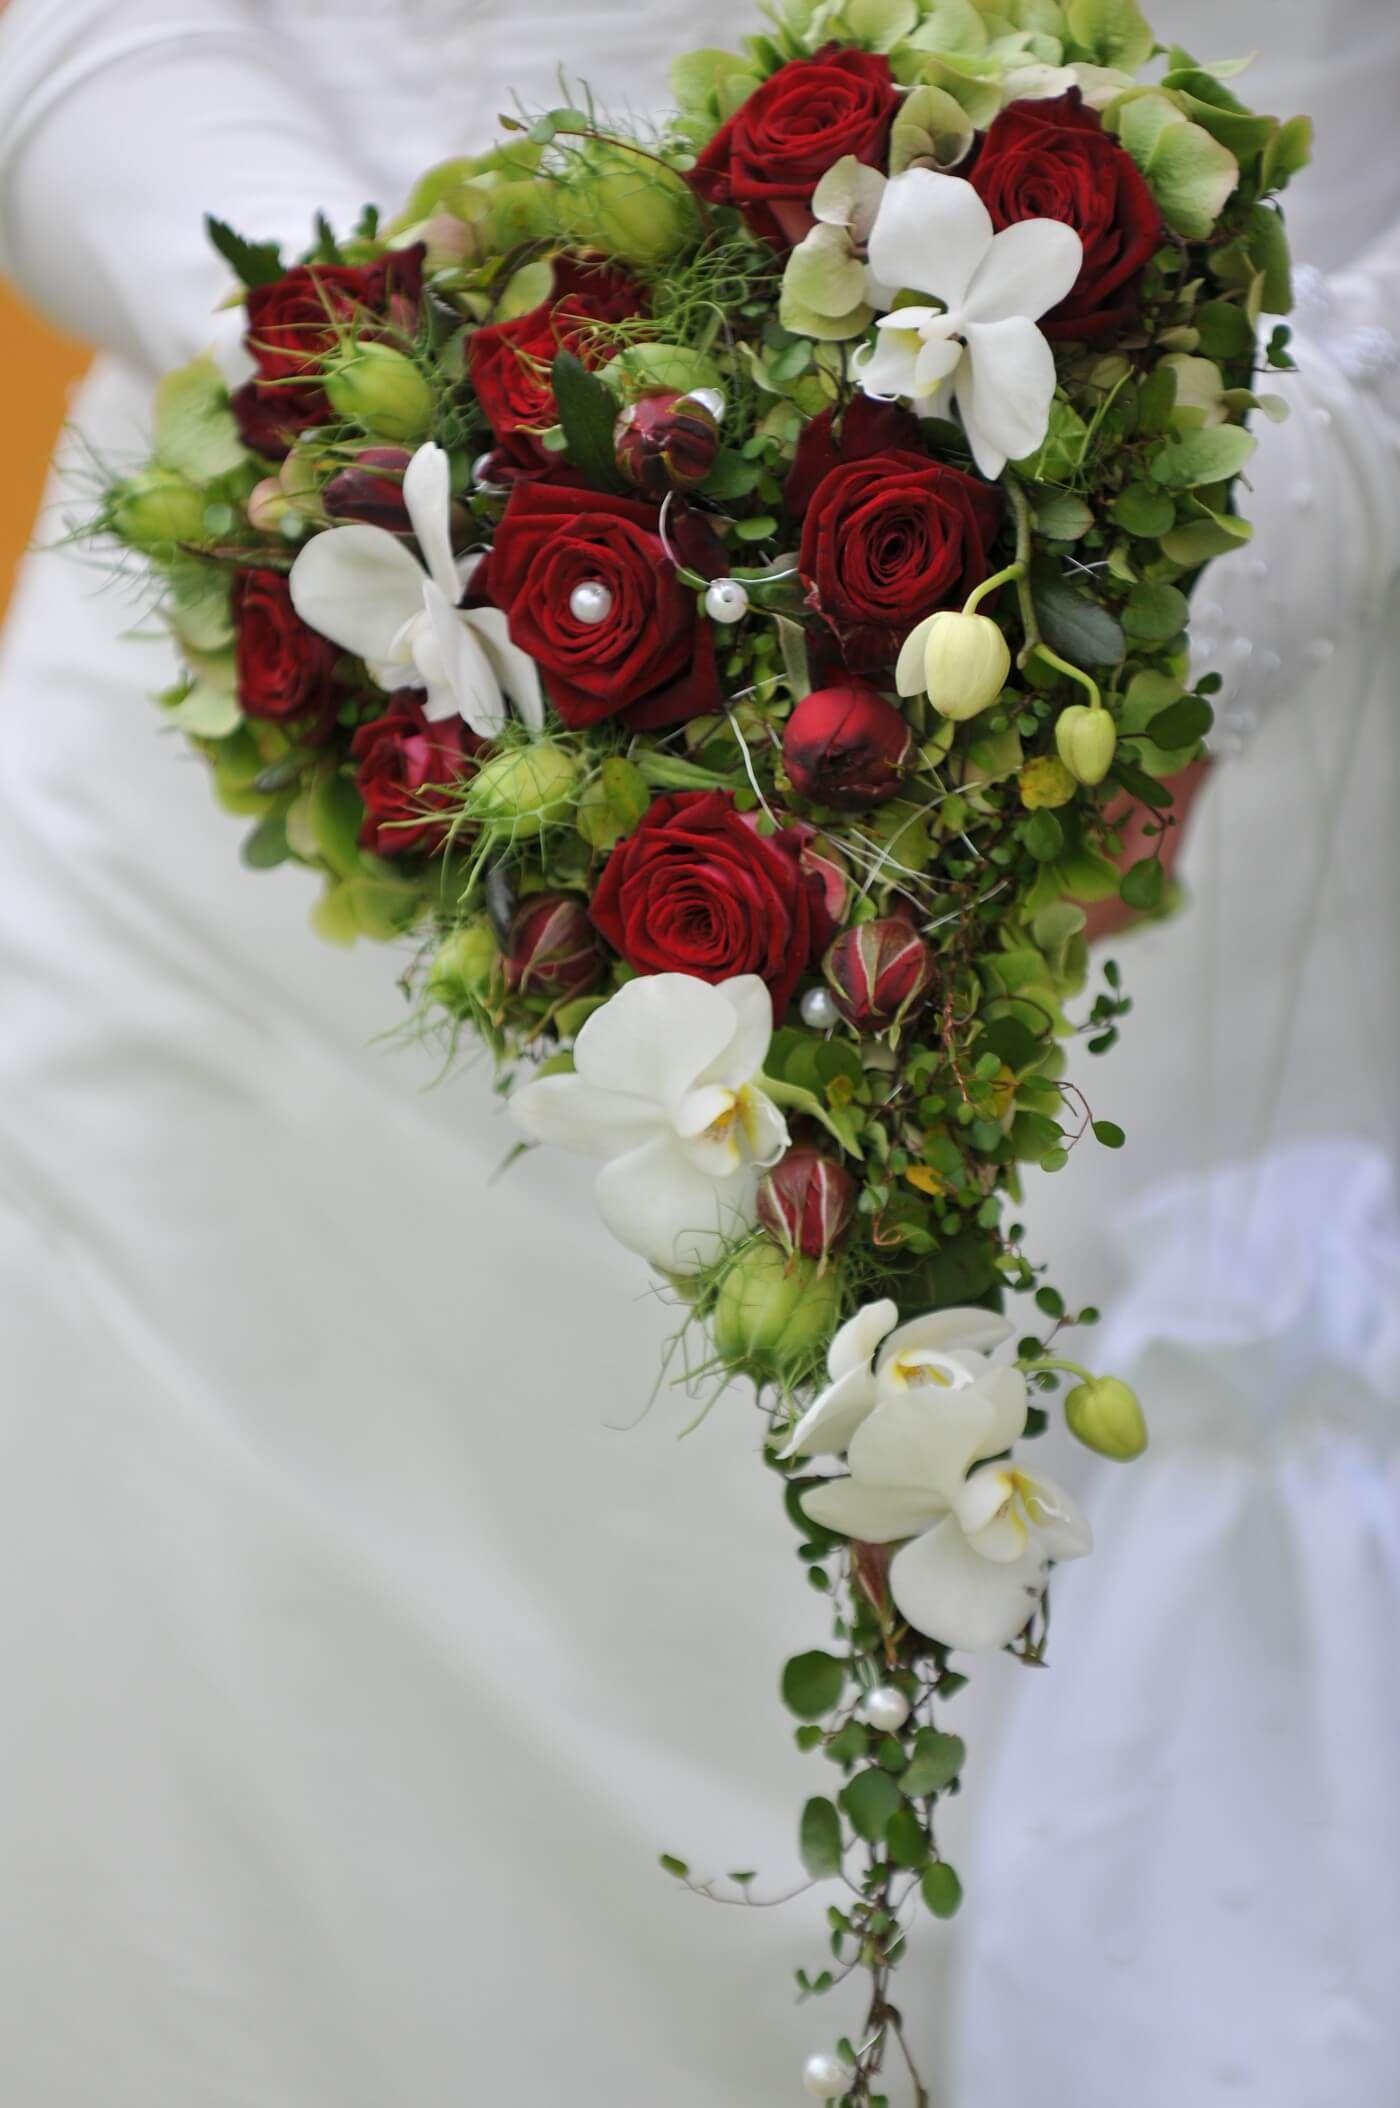 Brautstrau in Herzform  Bildergalerie in 2019  Hochzeit